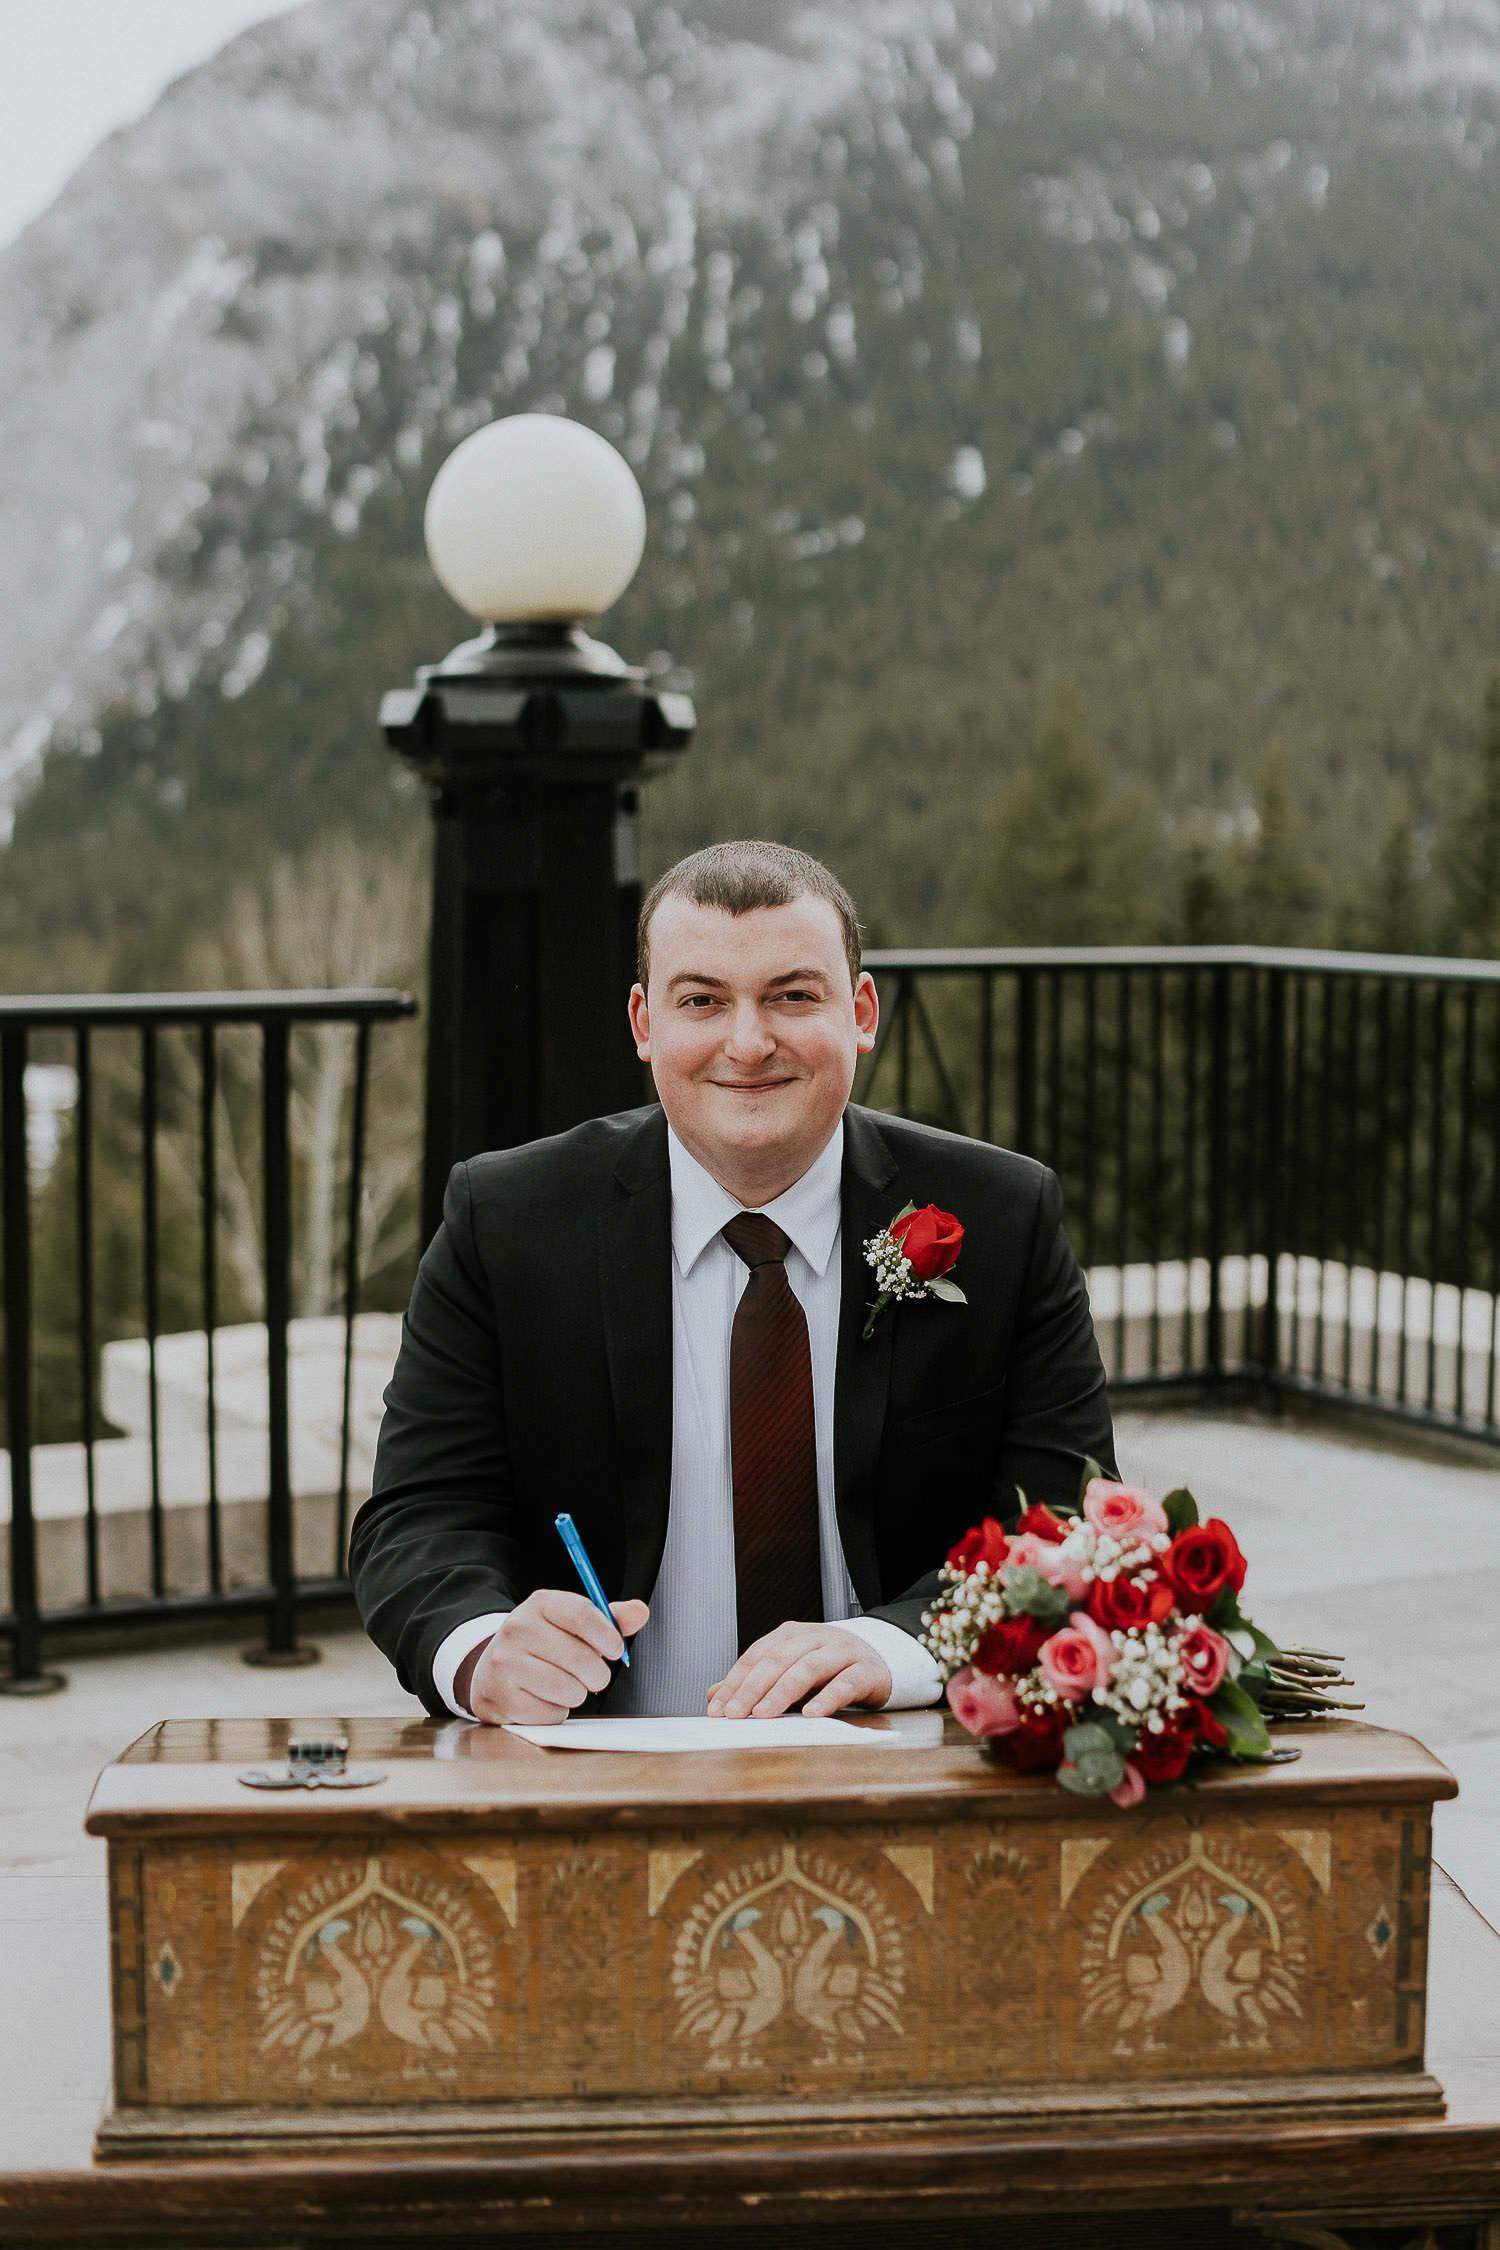 intimate-wedding-at-banff-springs-hotel-sarah-pukin-0113